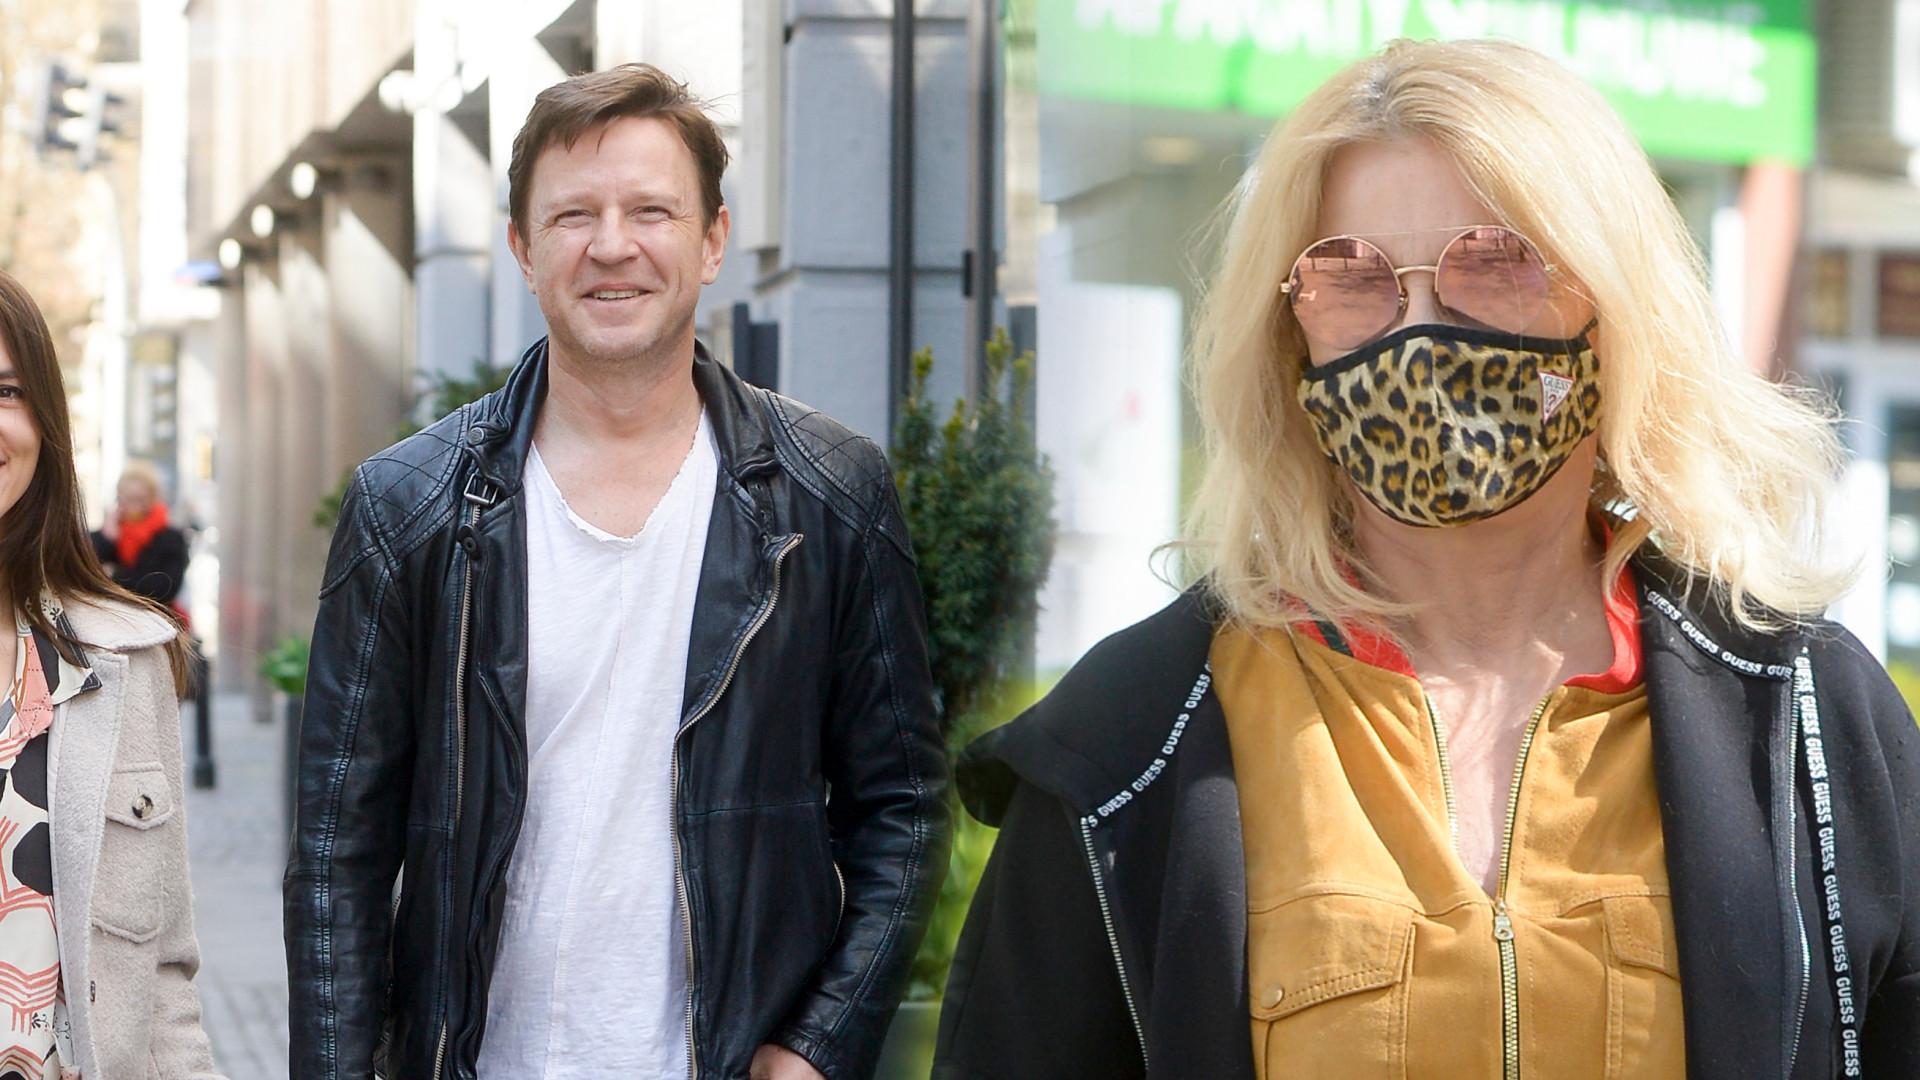 Gwiazdy DD TVN: Wojciech Błach z piękną żoną i Majka Jeżowska w modnych butach (ZDJĘCIA)